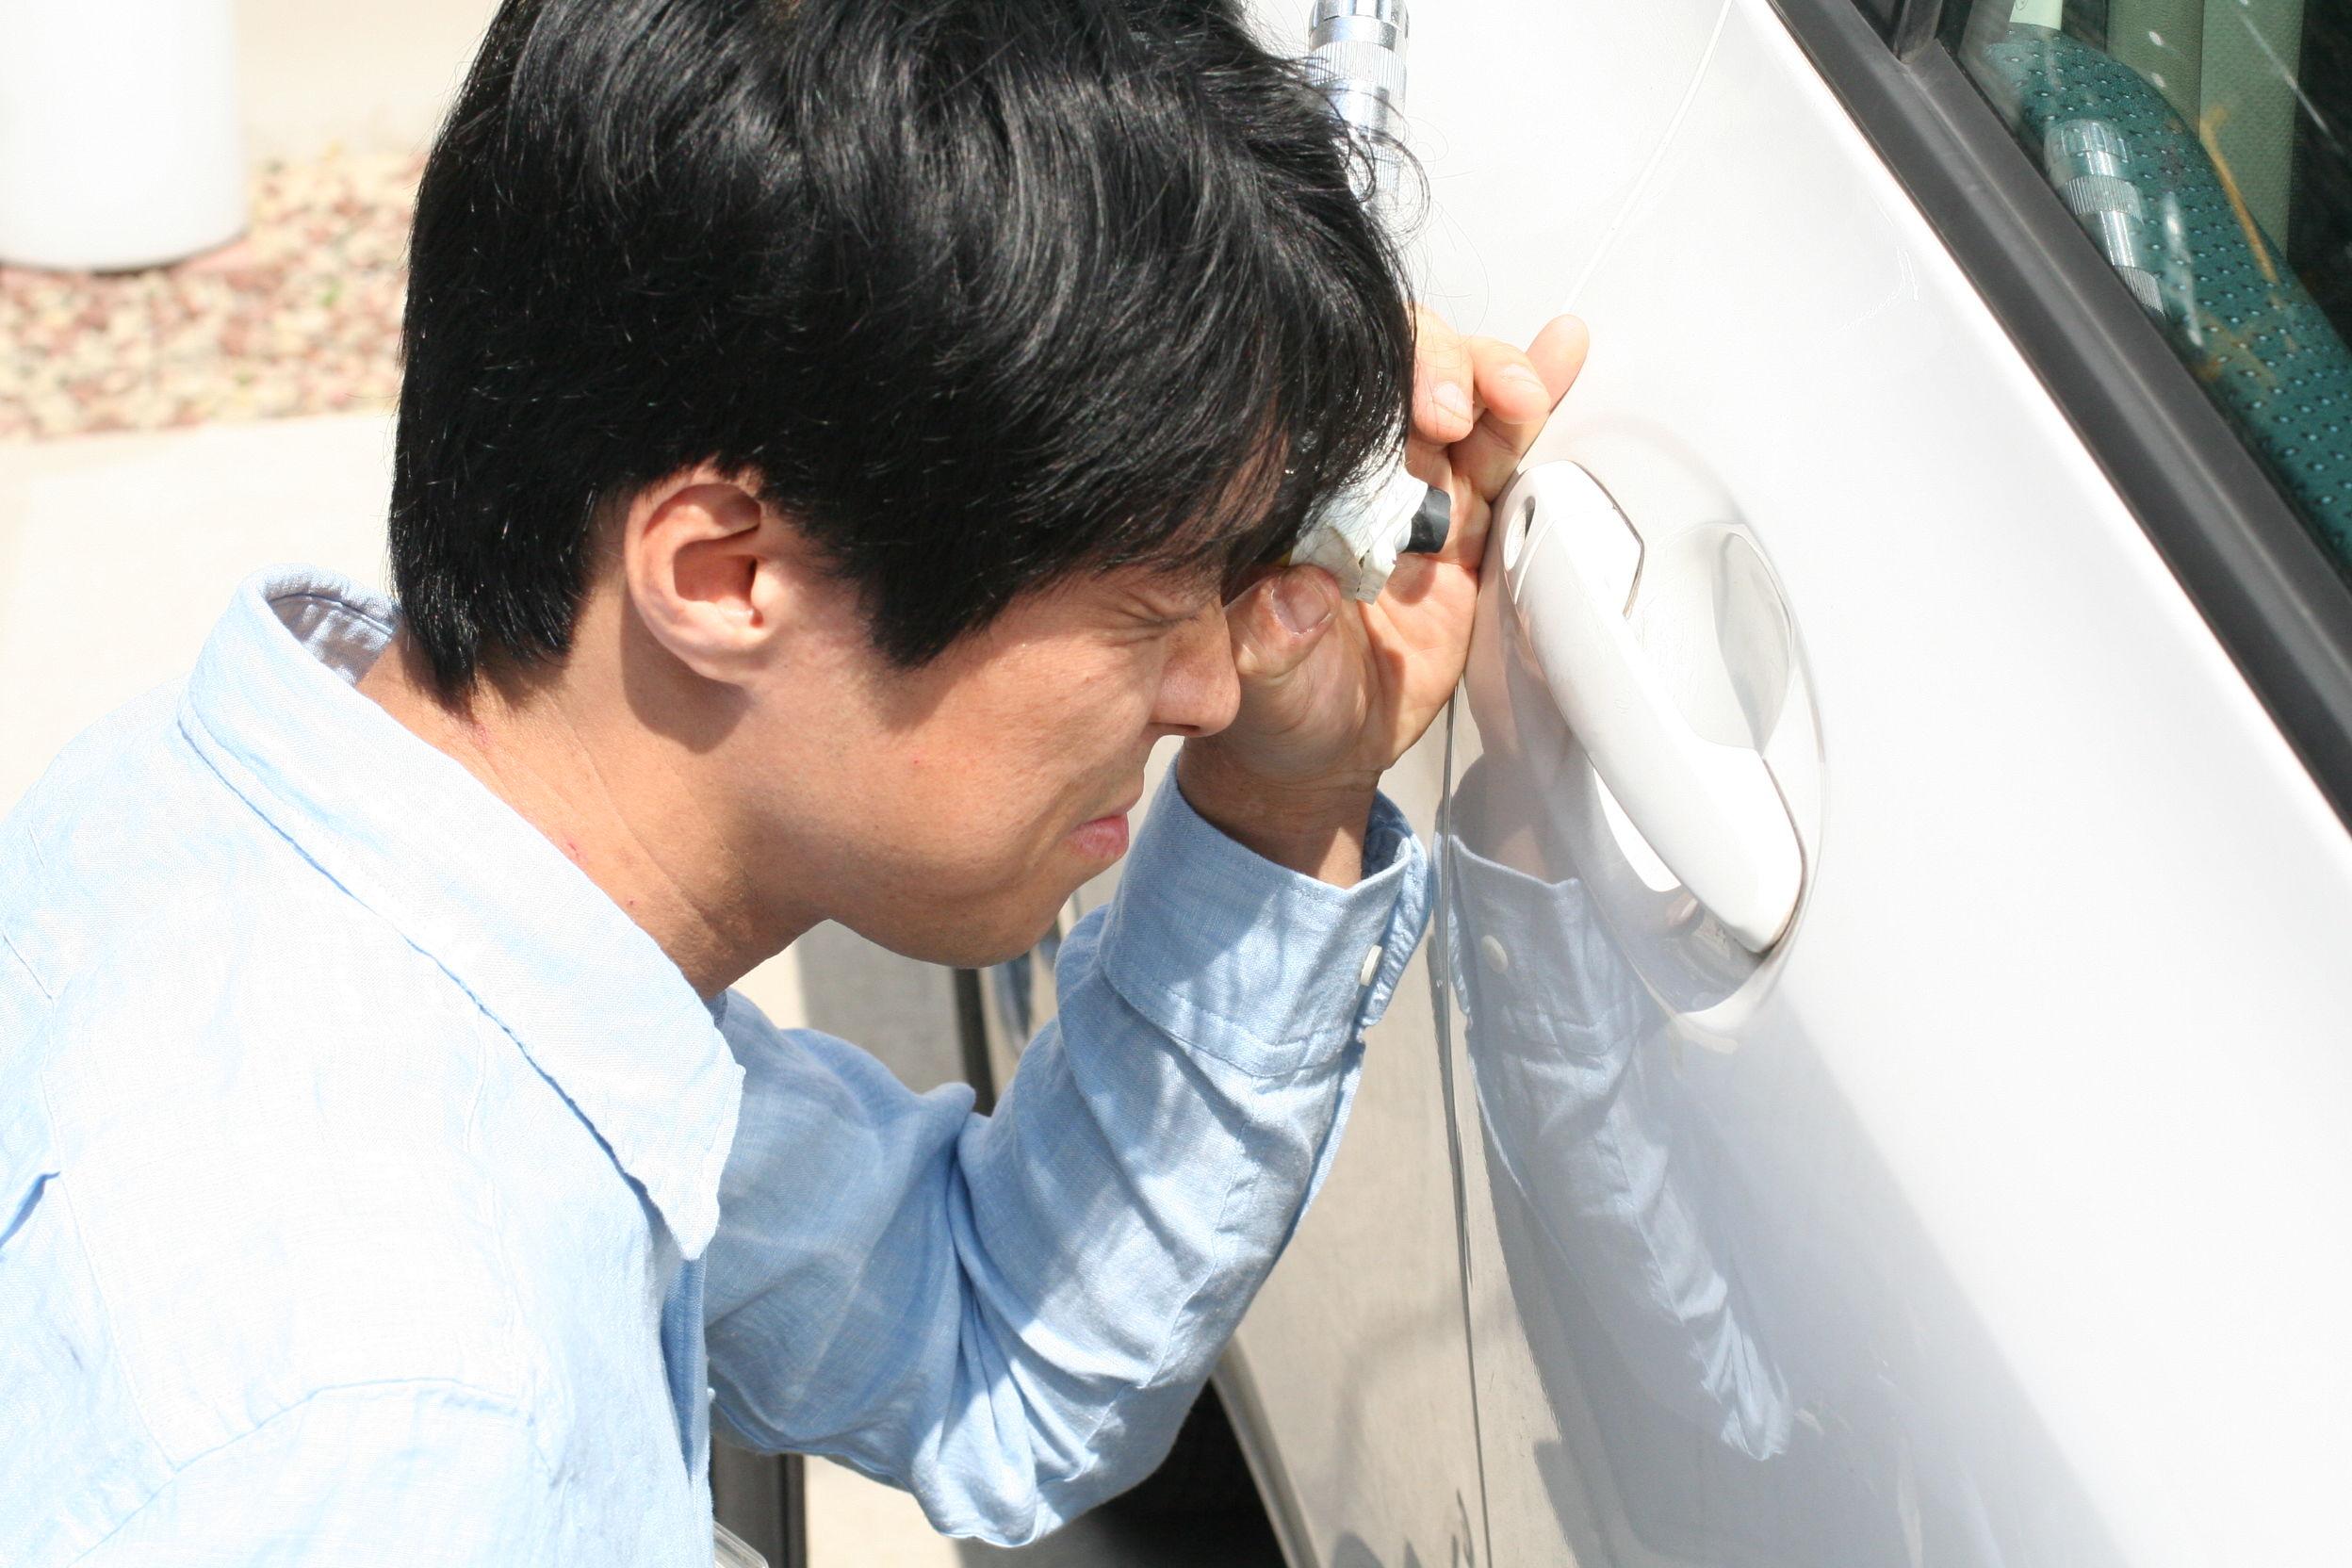 カギのトラブル救Q隊.24【下妻市 出張エリア】のメイン画像